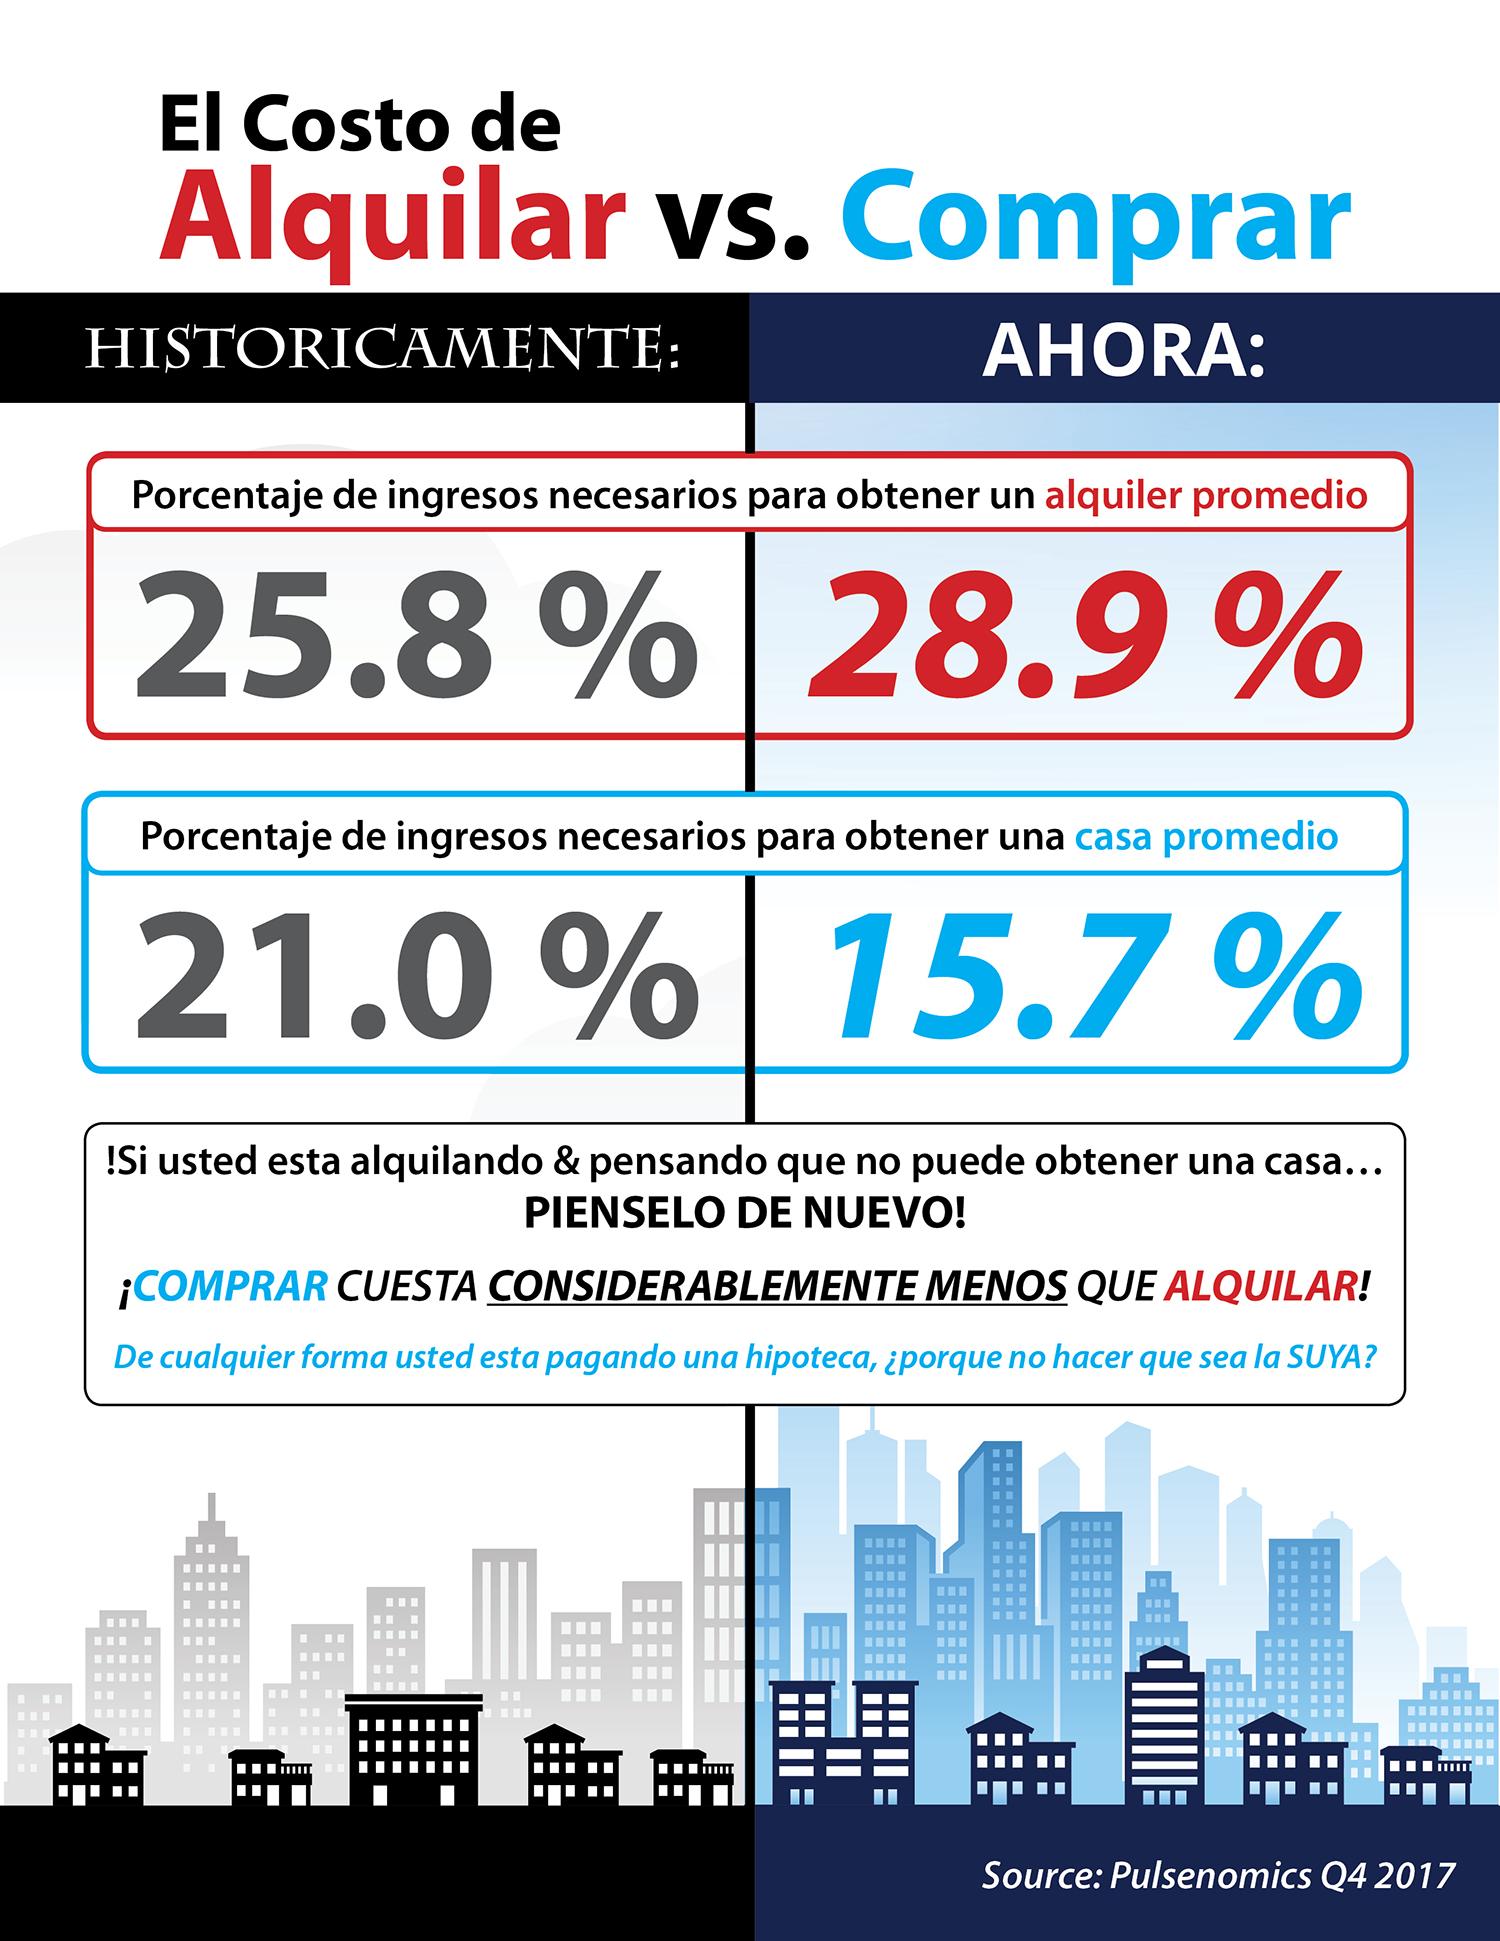 El costo de alquilar vs. comprar hoy [infografía] | Simplifying The Market